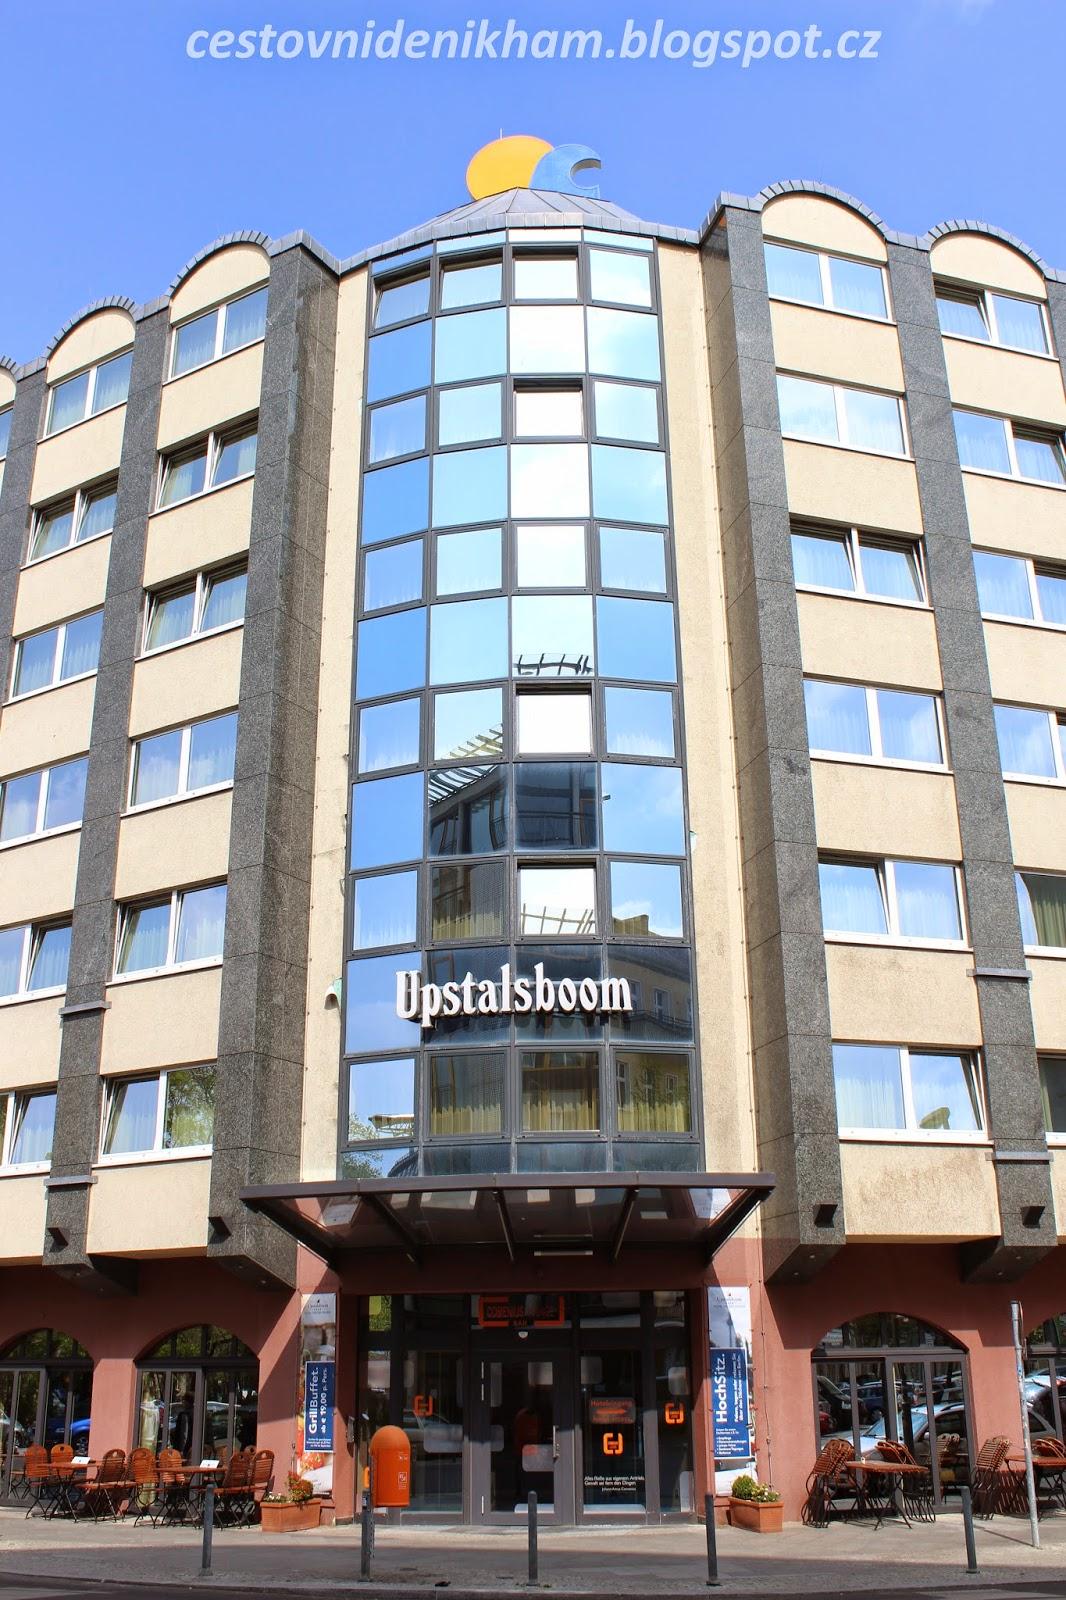 hotel Upstalsboom Hotel Friedrichschein